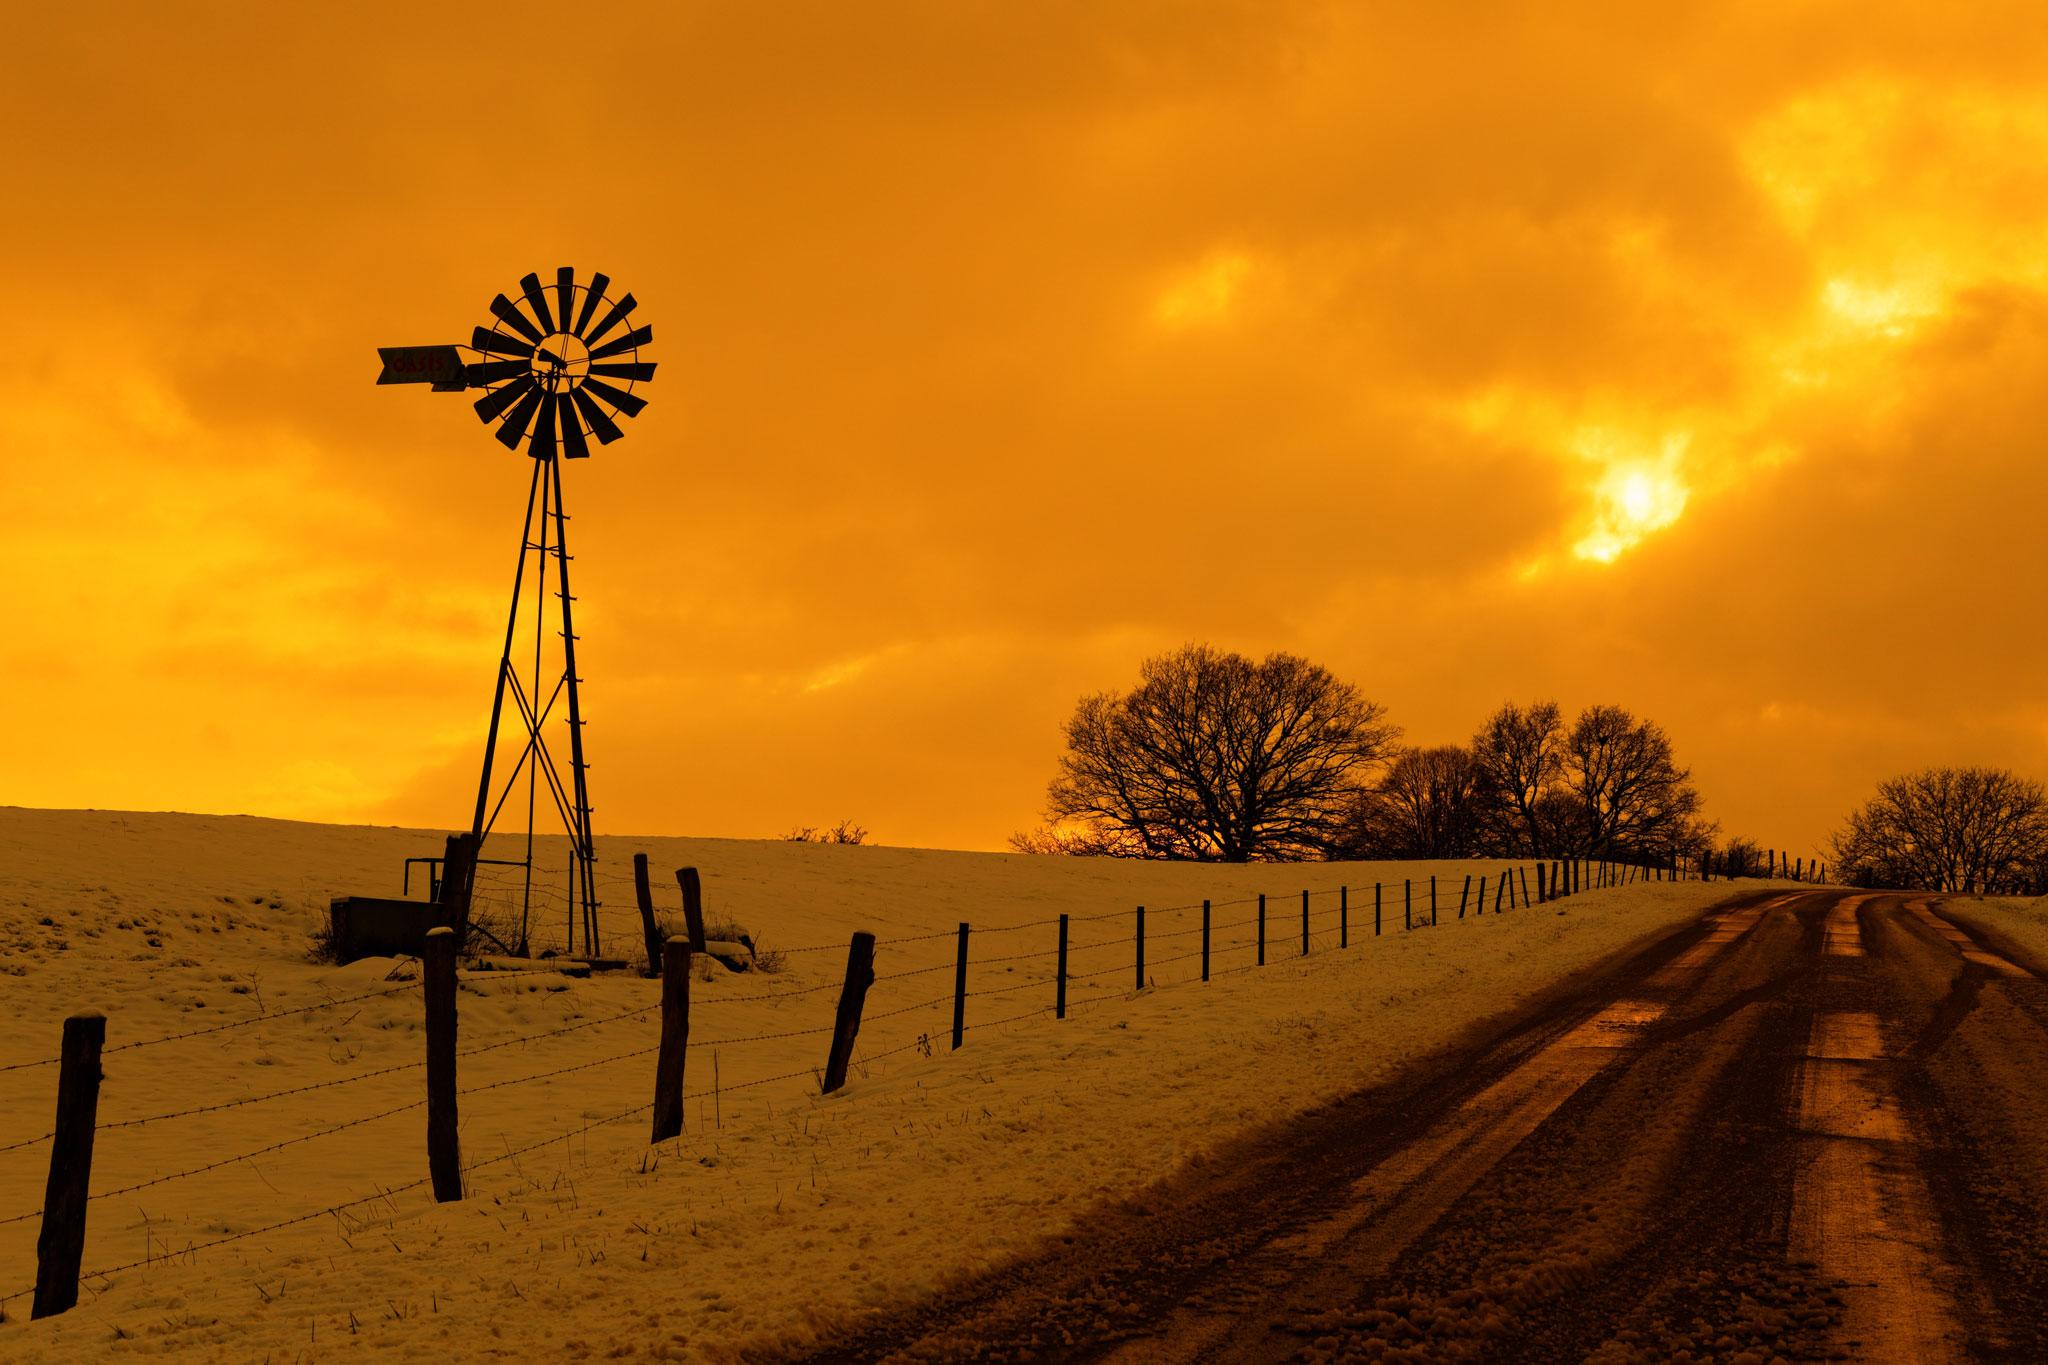 éolienne et coucher de soleil par Stéphane Thirion photographe